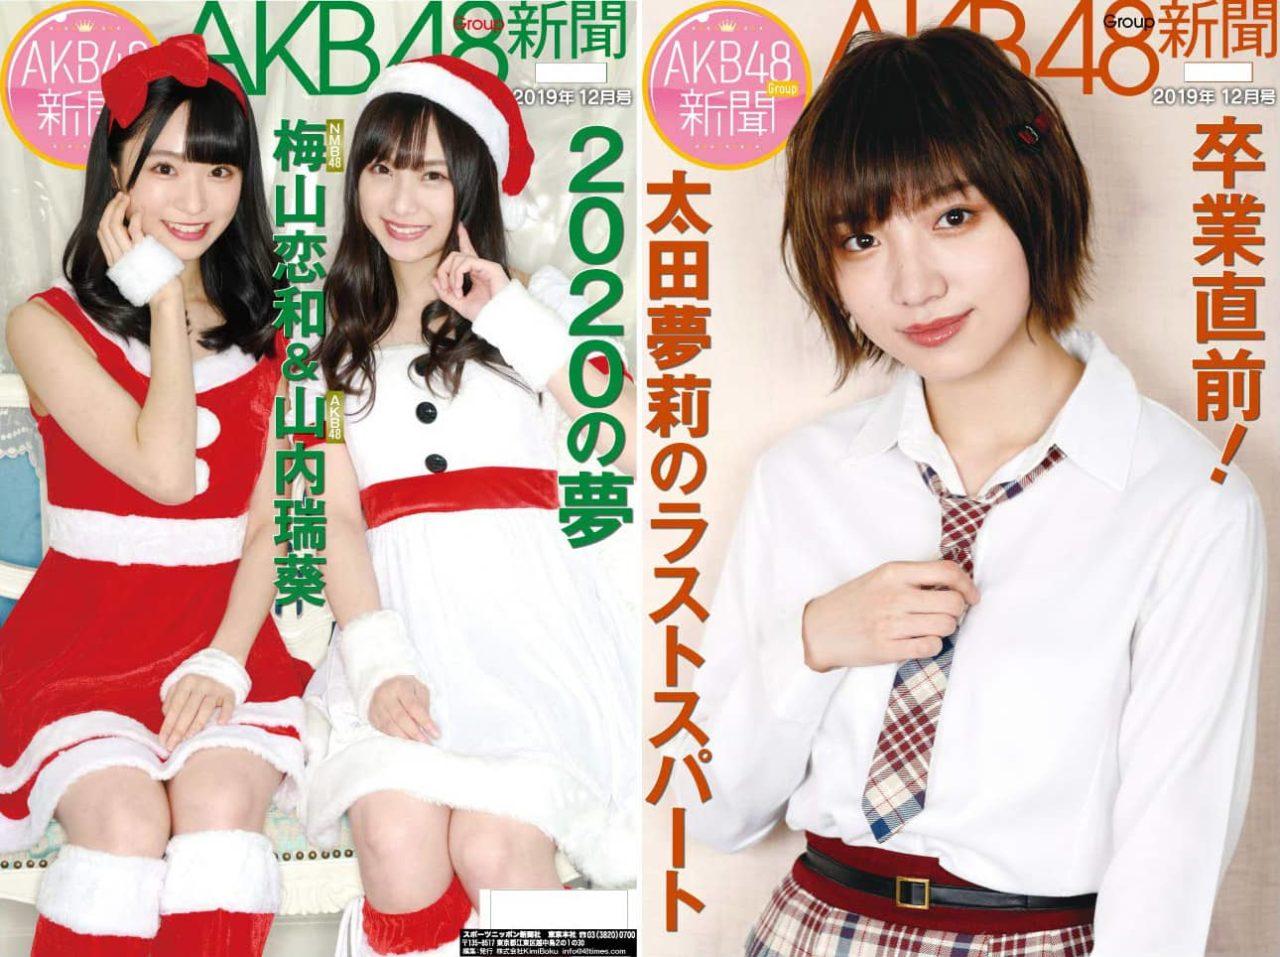 【予約開始】山内瑞葵×梅山恋和、太田夢莉、W表紙!「AKB48Group新聞 2019年12月号」11/25発売!